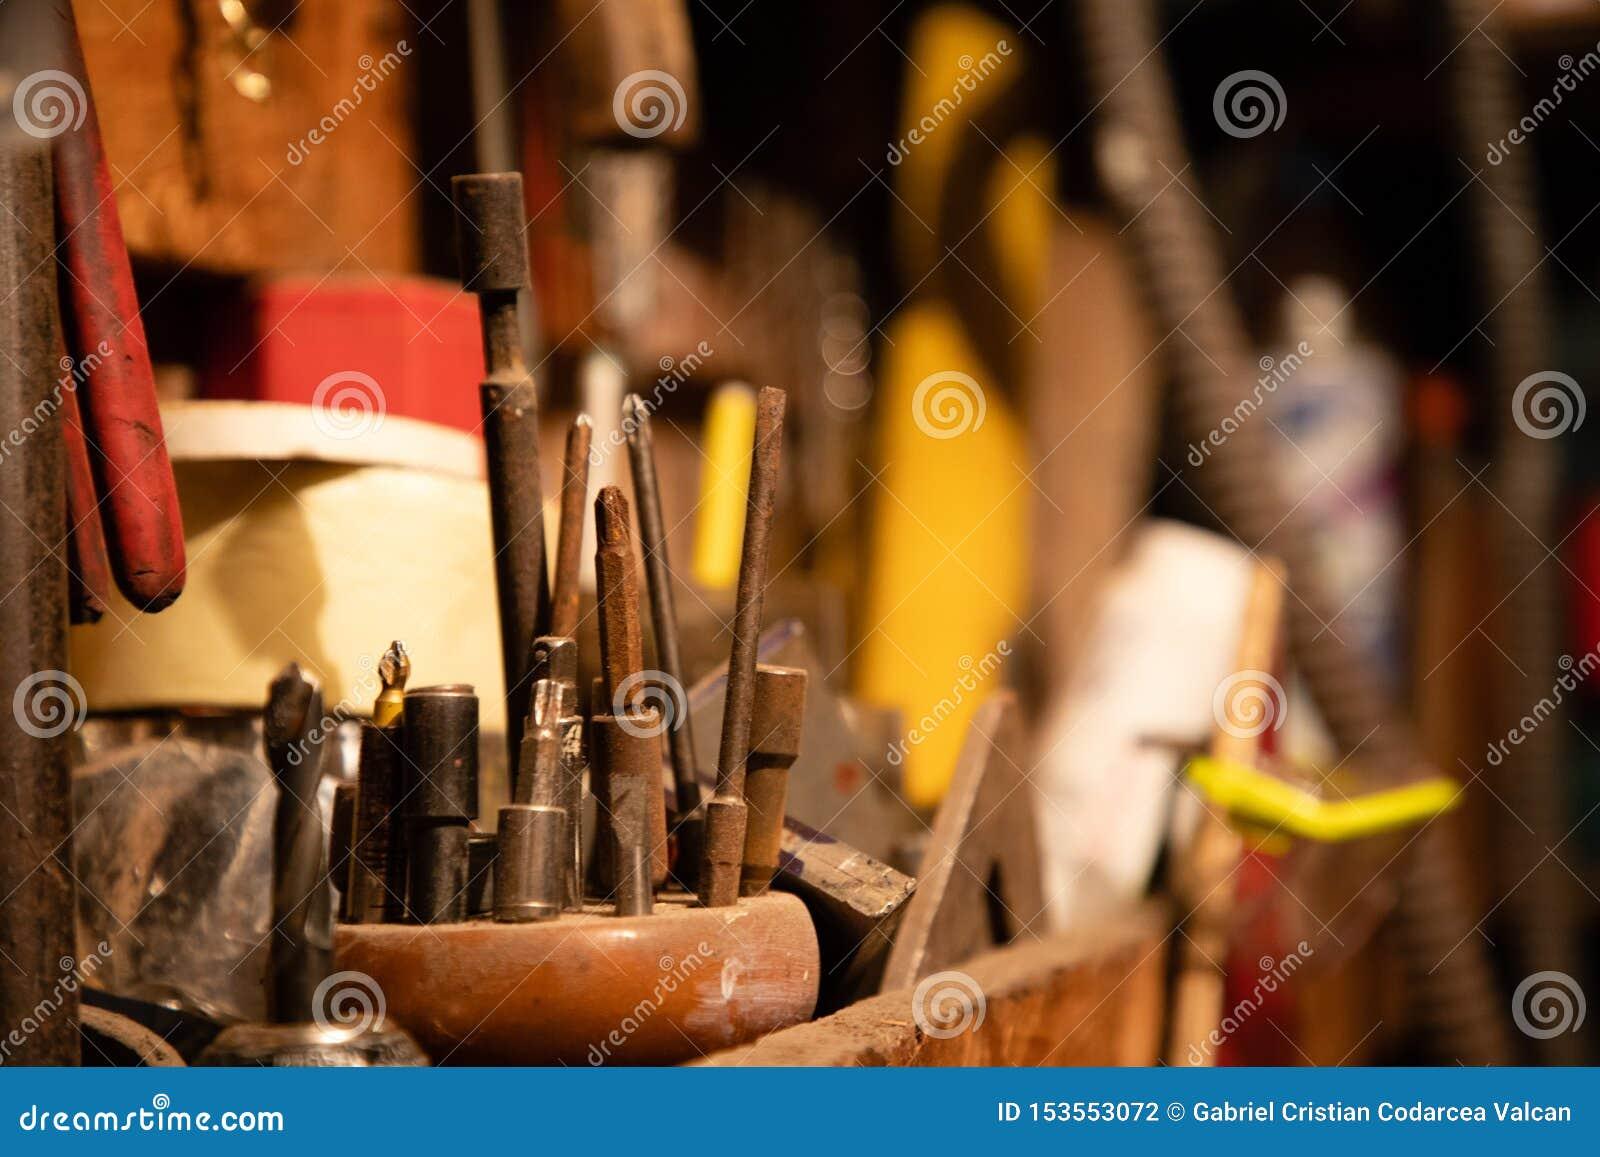 Различные отвертки и другие инструменты на гараже